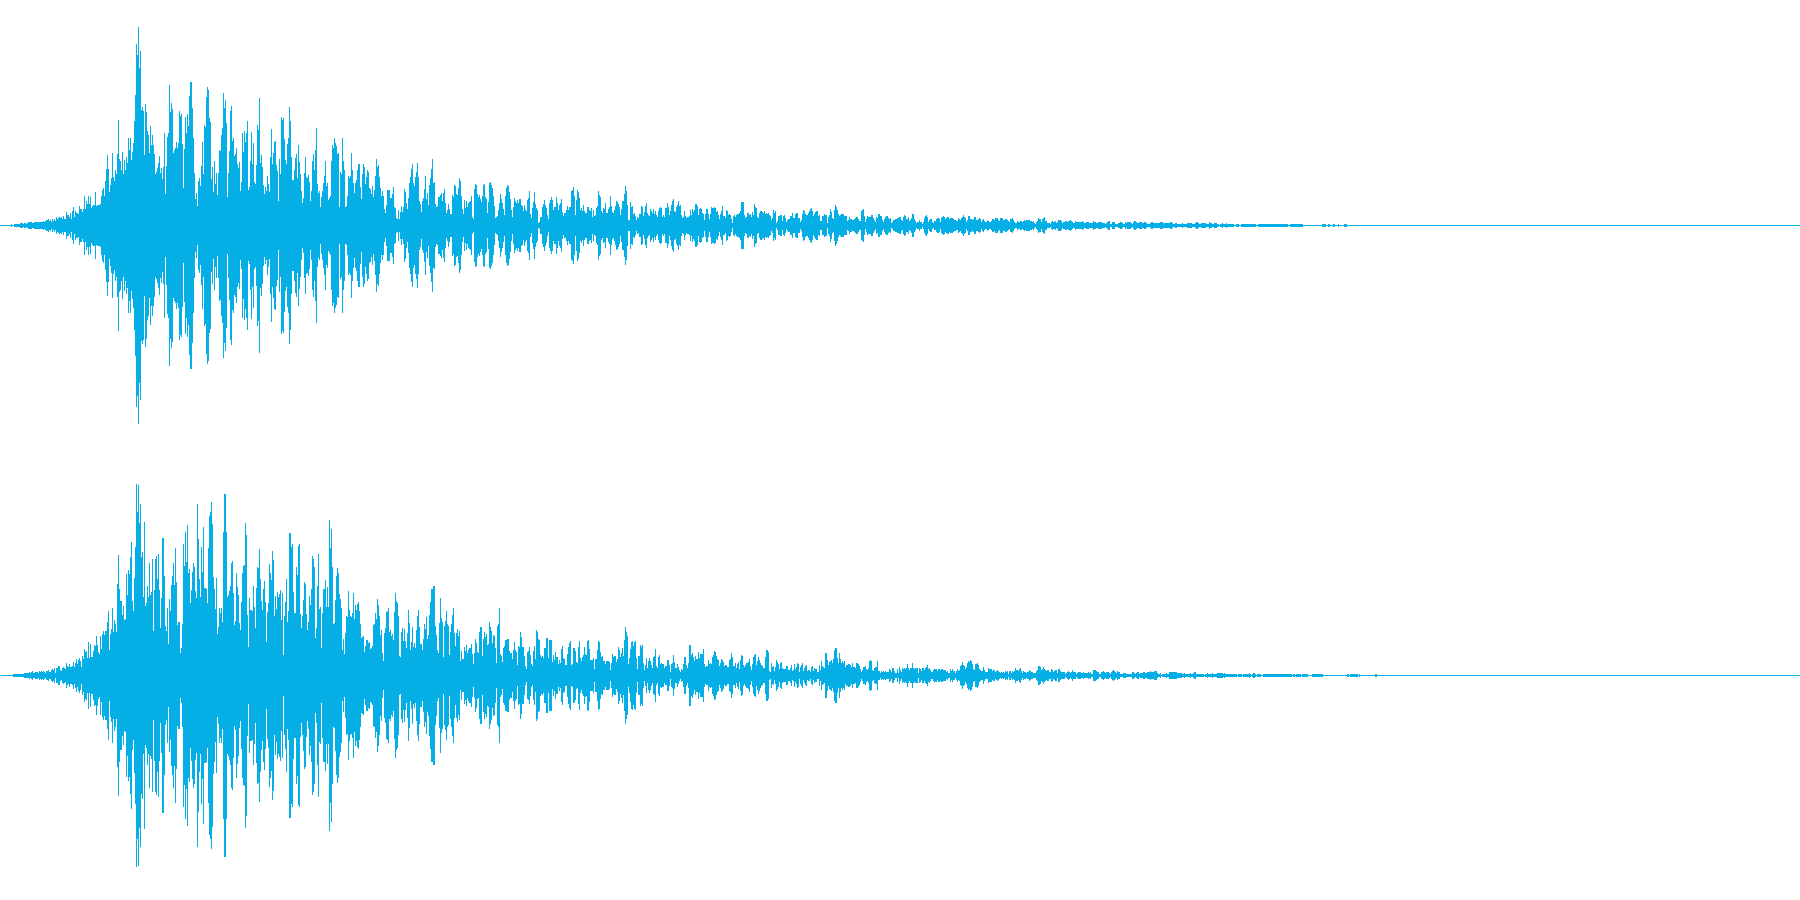 シュードーン-41-1(インパクト音)の再生済みの波形